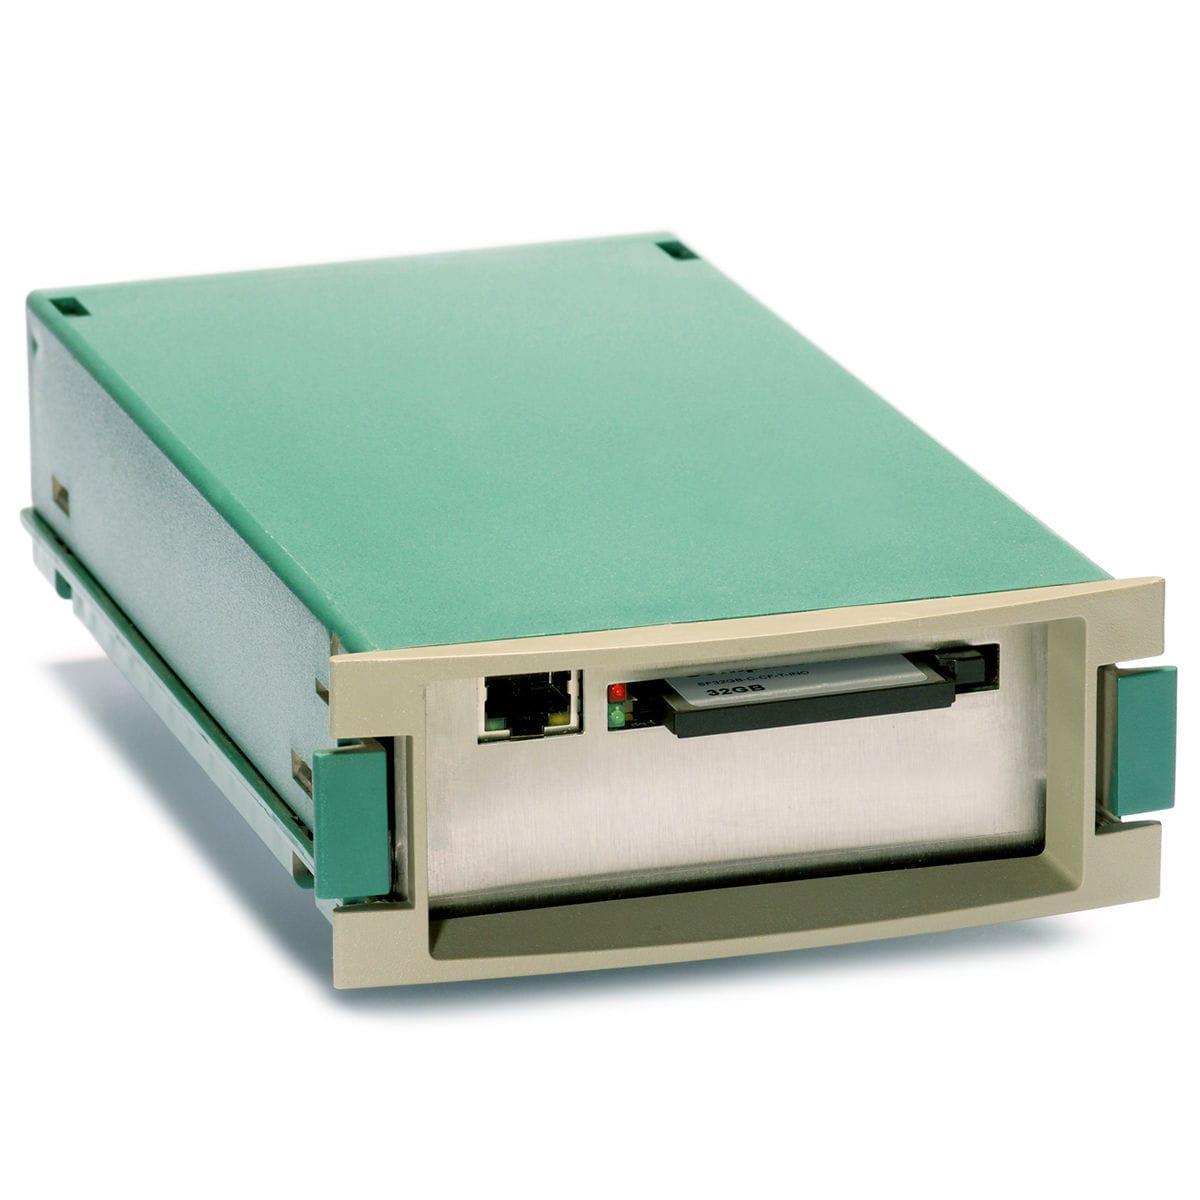 Internal hard disk drive emulator / SCSI / 3 5